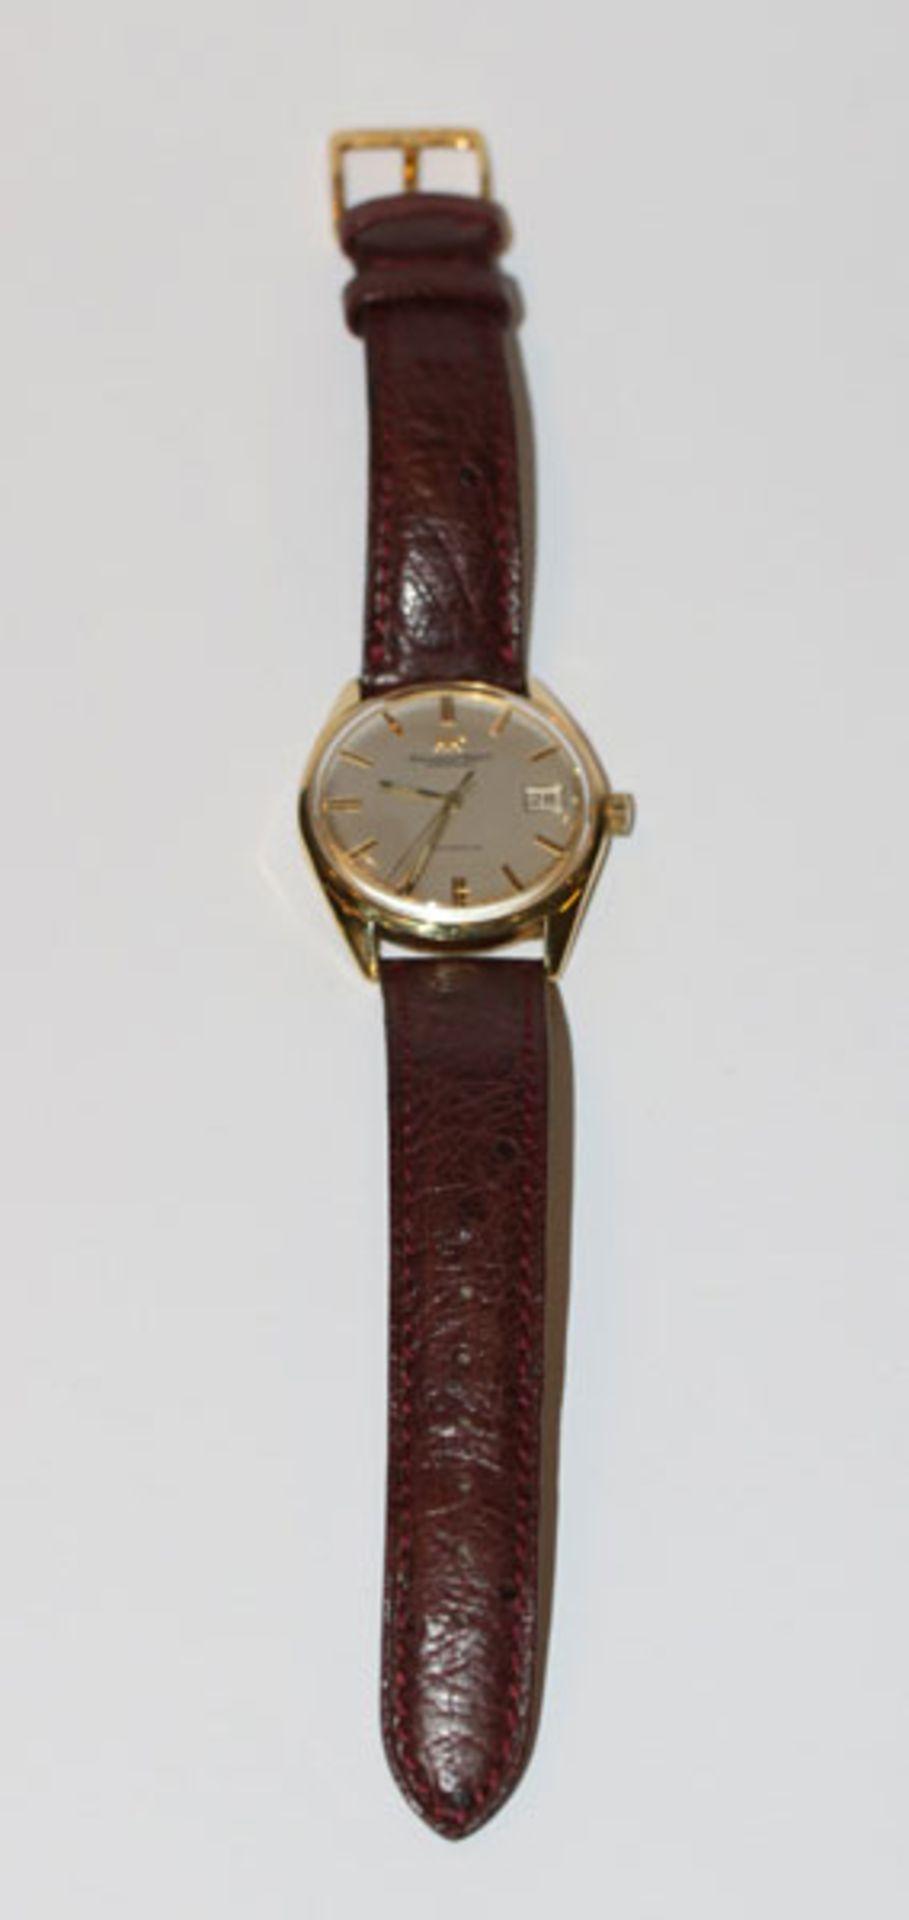 Los 29 - IWC Schaffhausen Automatic, Herren Armbanduhr, 18 k Gelbgold Gehäuse, Datumsanzeige, an braunem